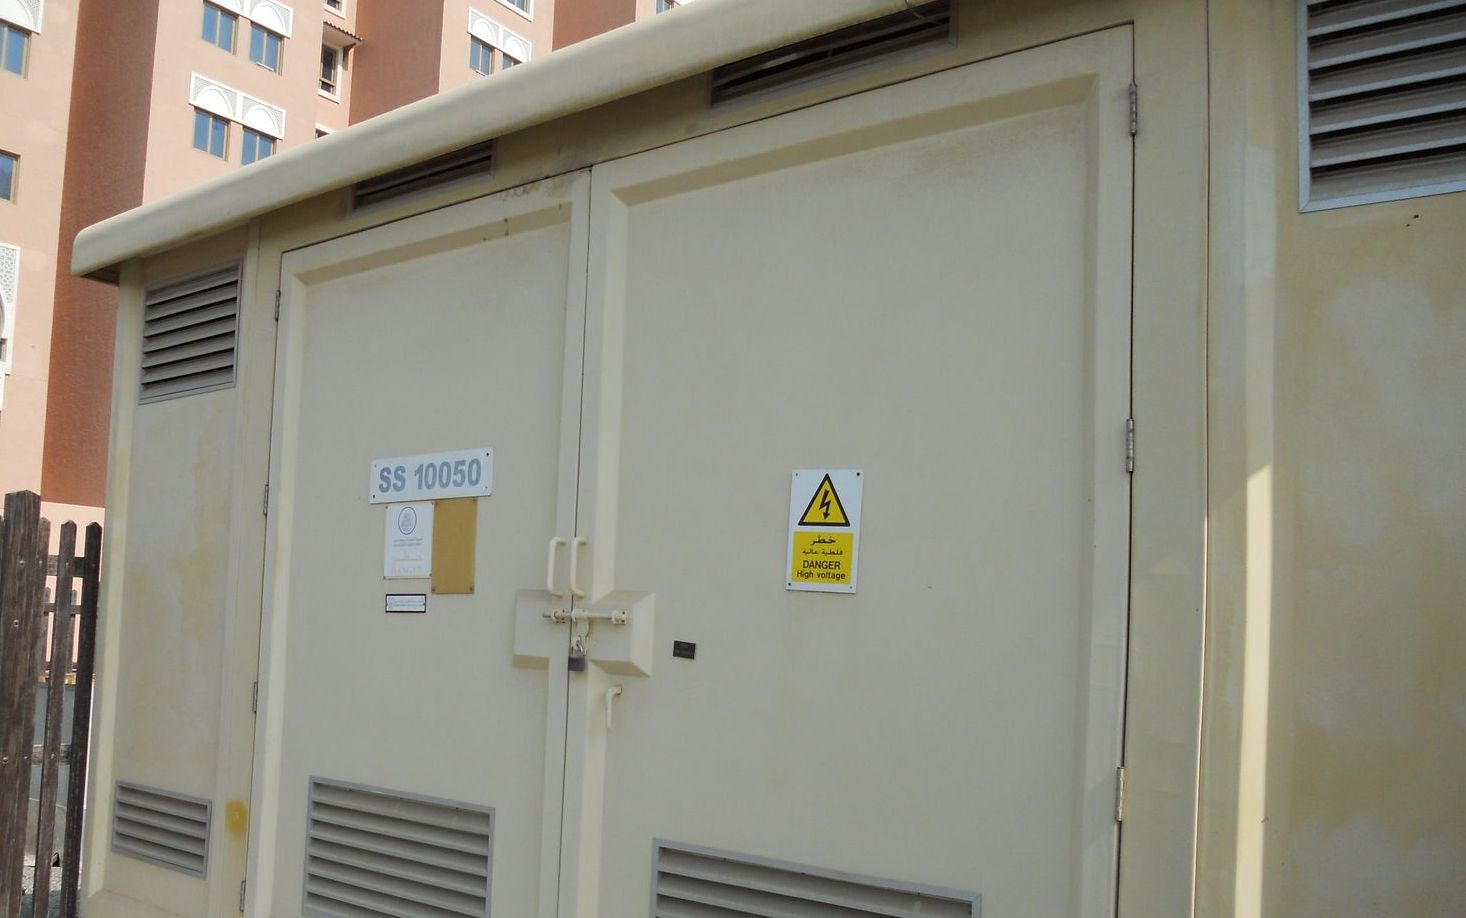 Schemi Elettrici Hormann : Una nuova guida per lesecuzione di cabine elettriche mt bt l